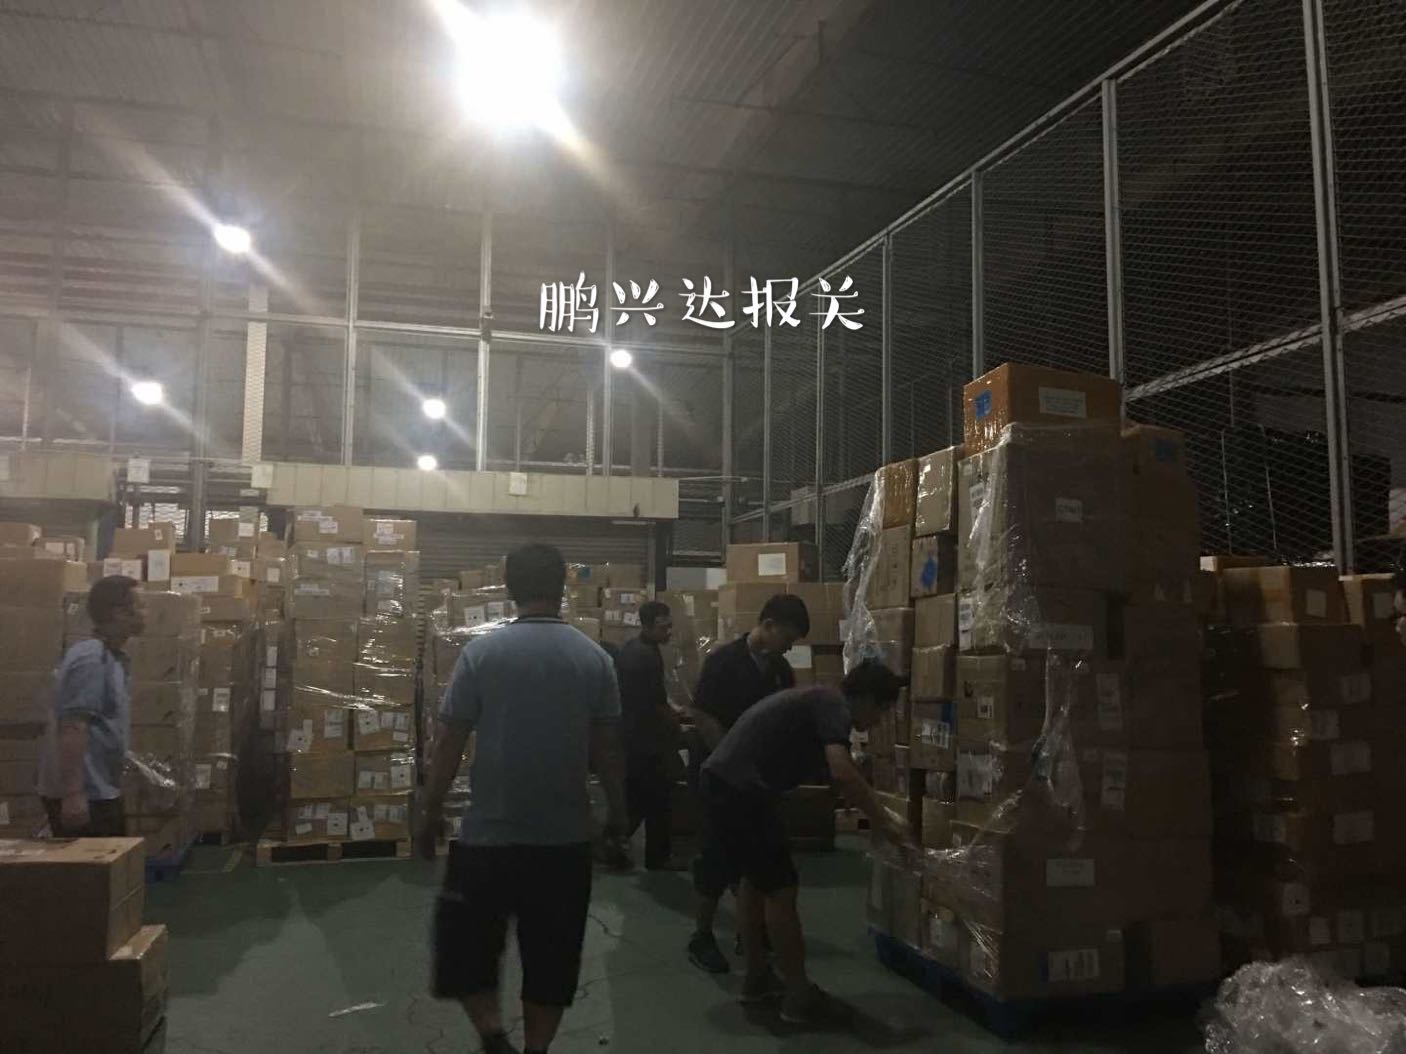 广州货物物流「鹏兴达物流报关供应」